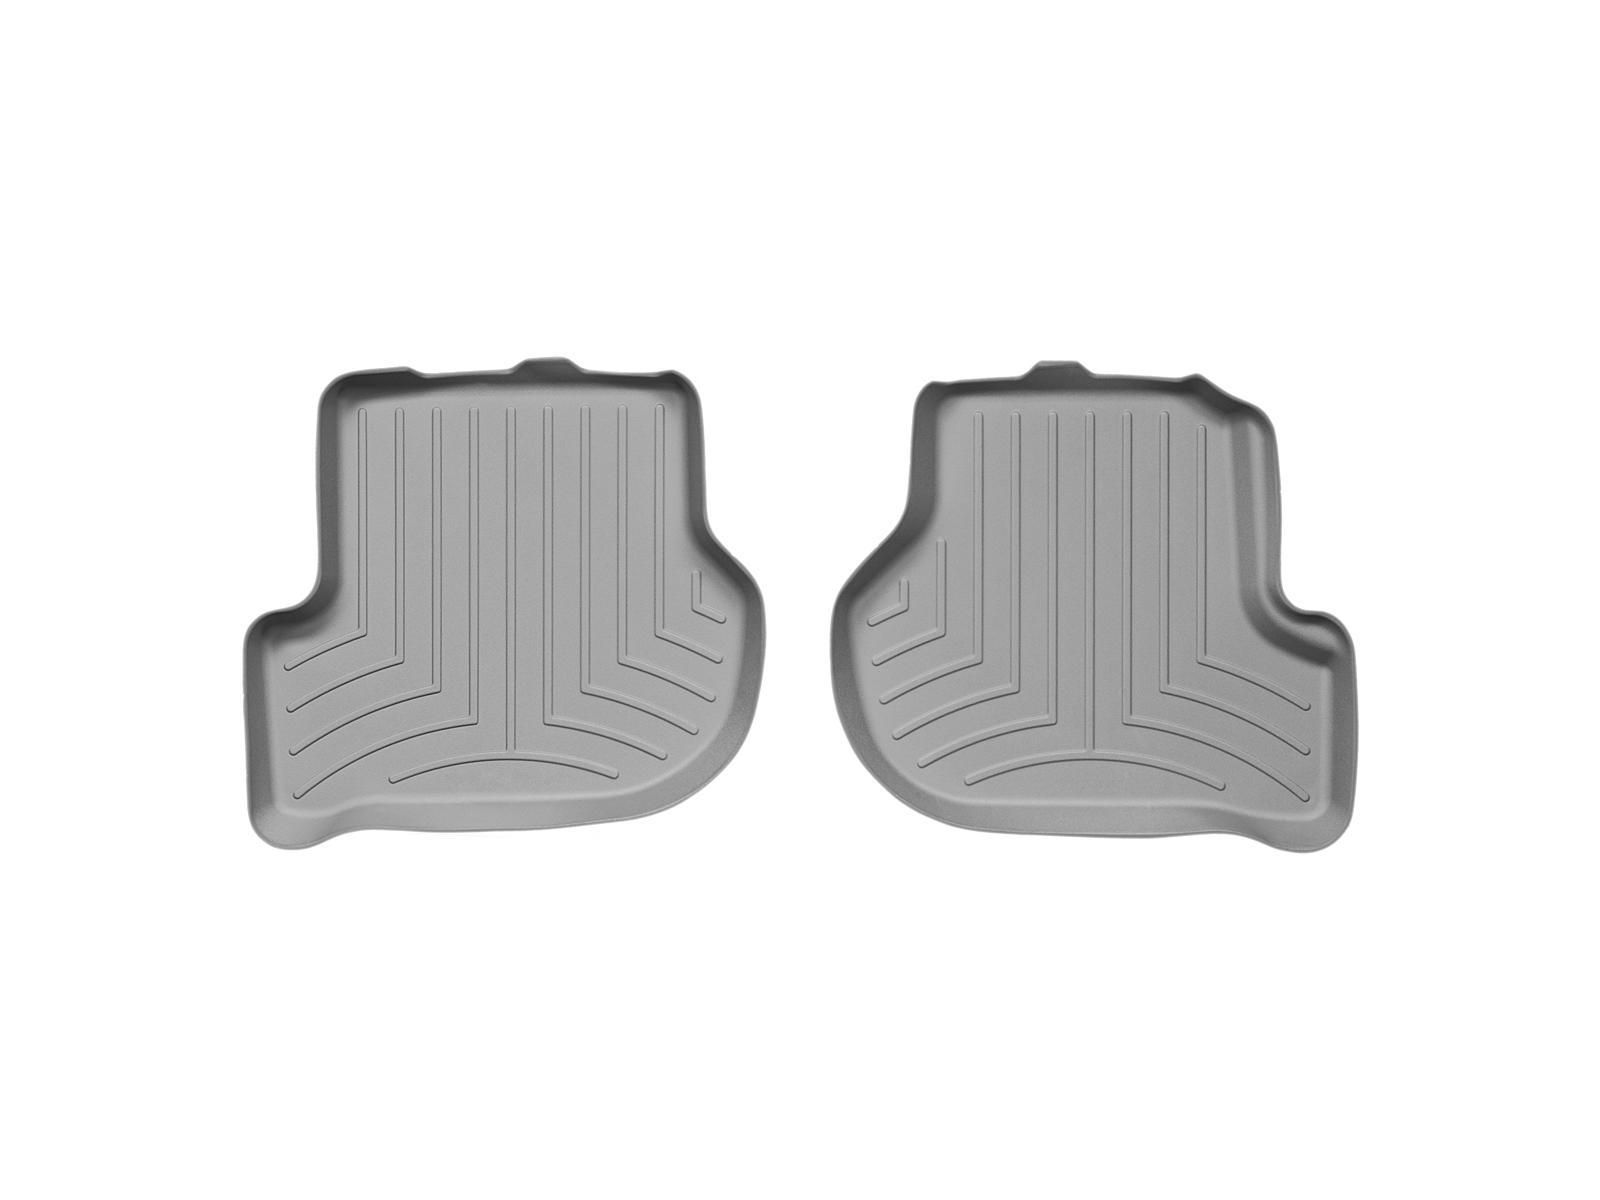 Tappeti gomma su misura bordo alto Volkswagen Golf 03>03 Grigio A4019*